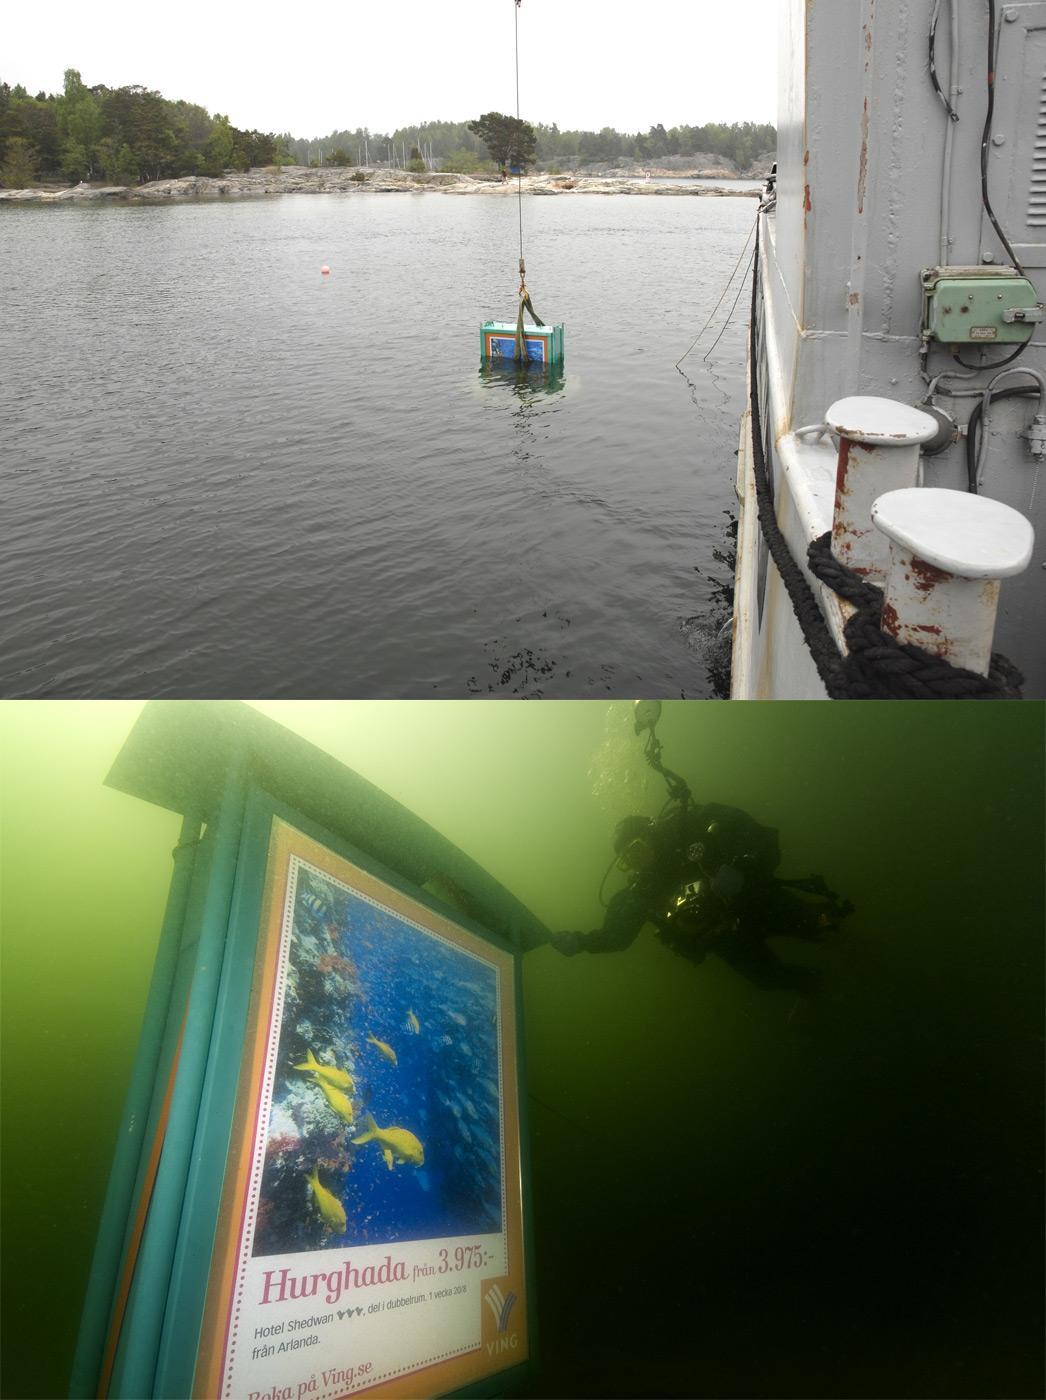 Ving Outdoor Ad -  Underwater billboard for divers